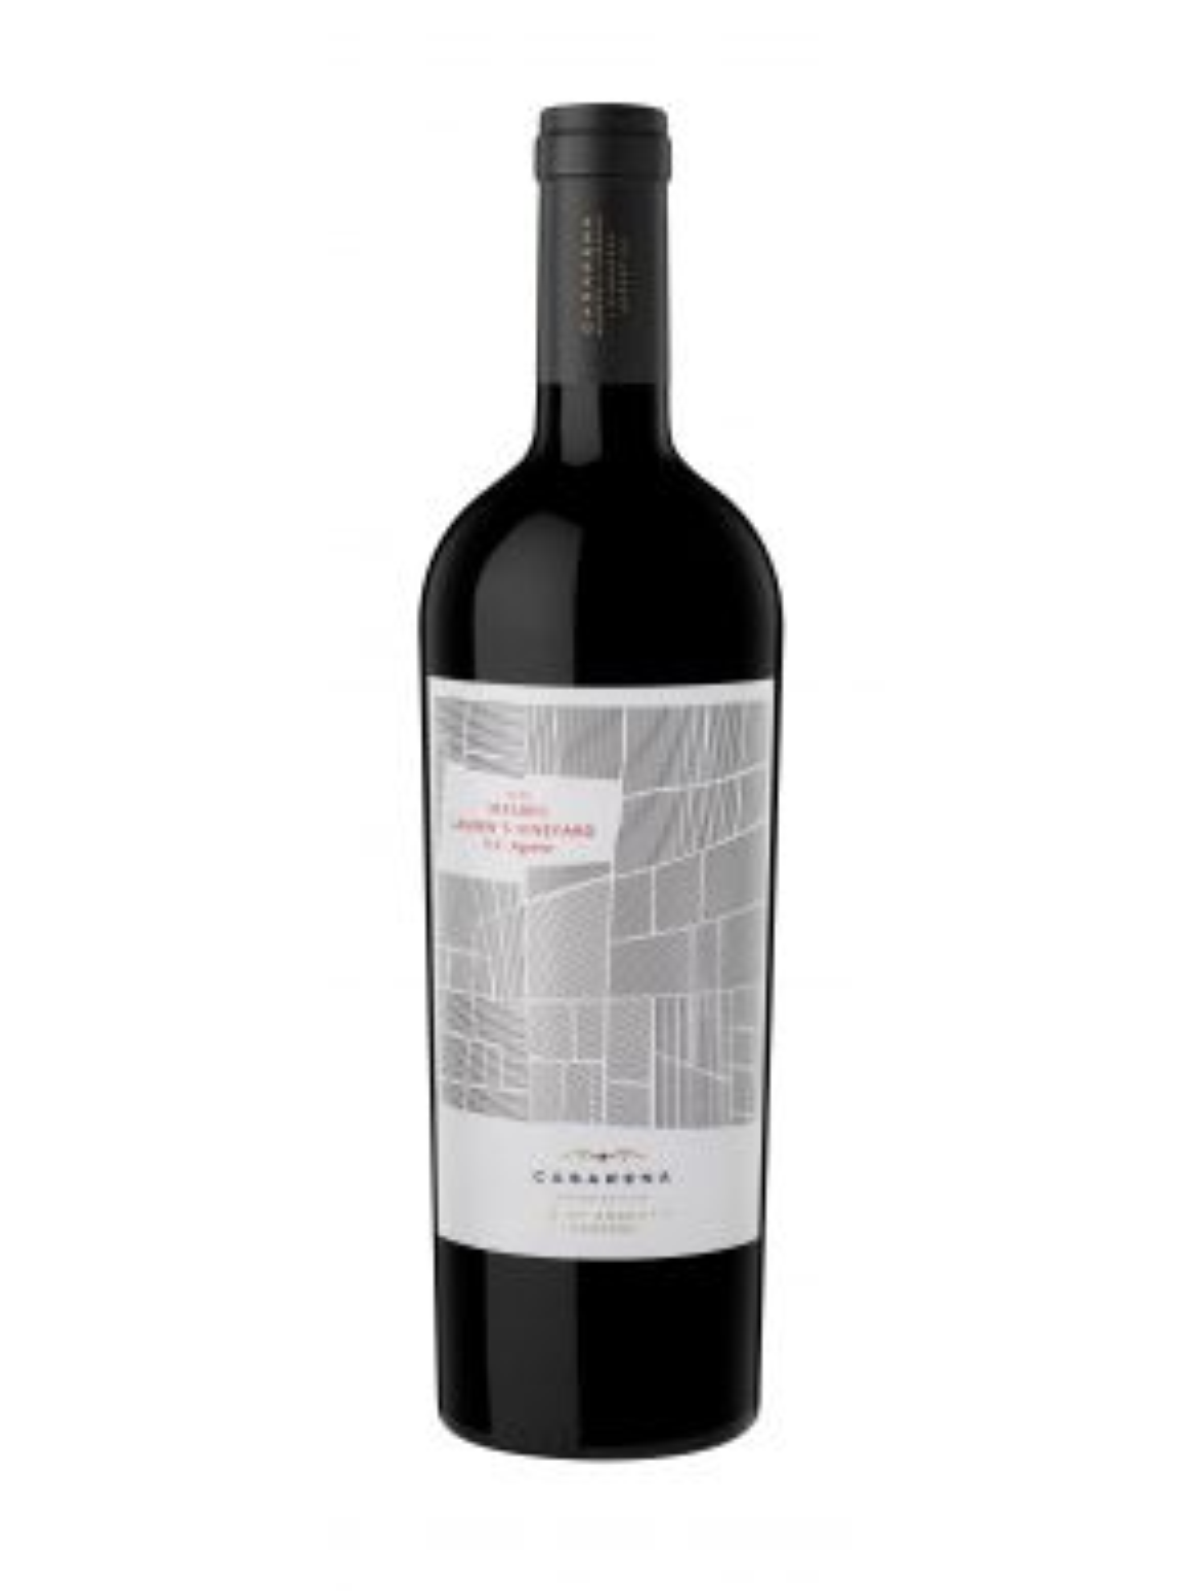 Casarena Lauren's Vineyard SV Agrelo Vineyard Malbec 75cl